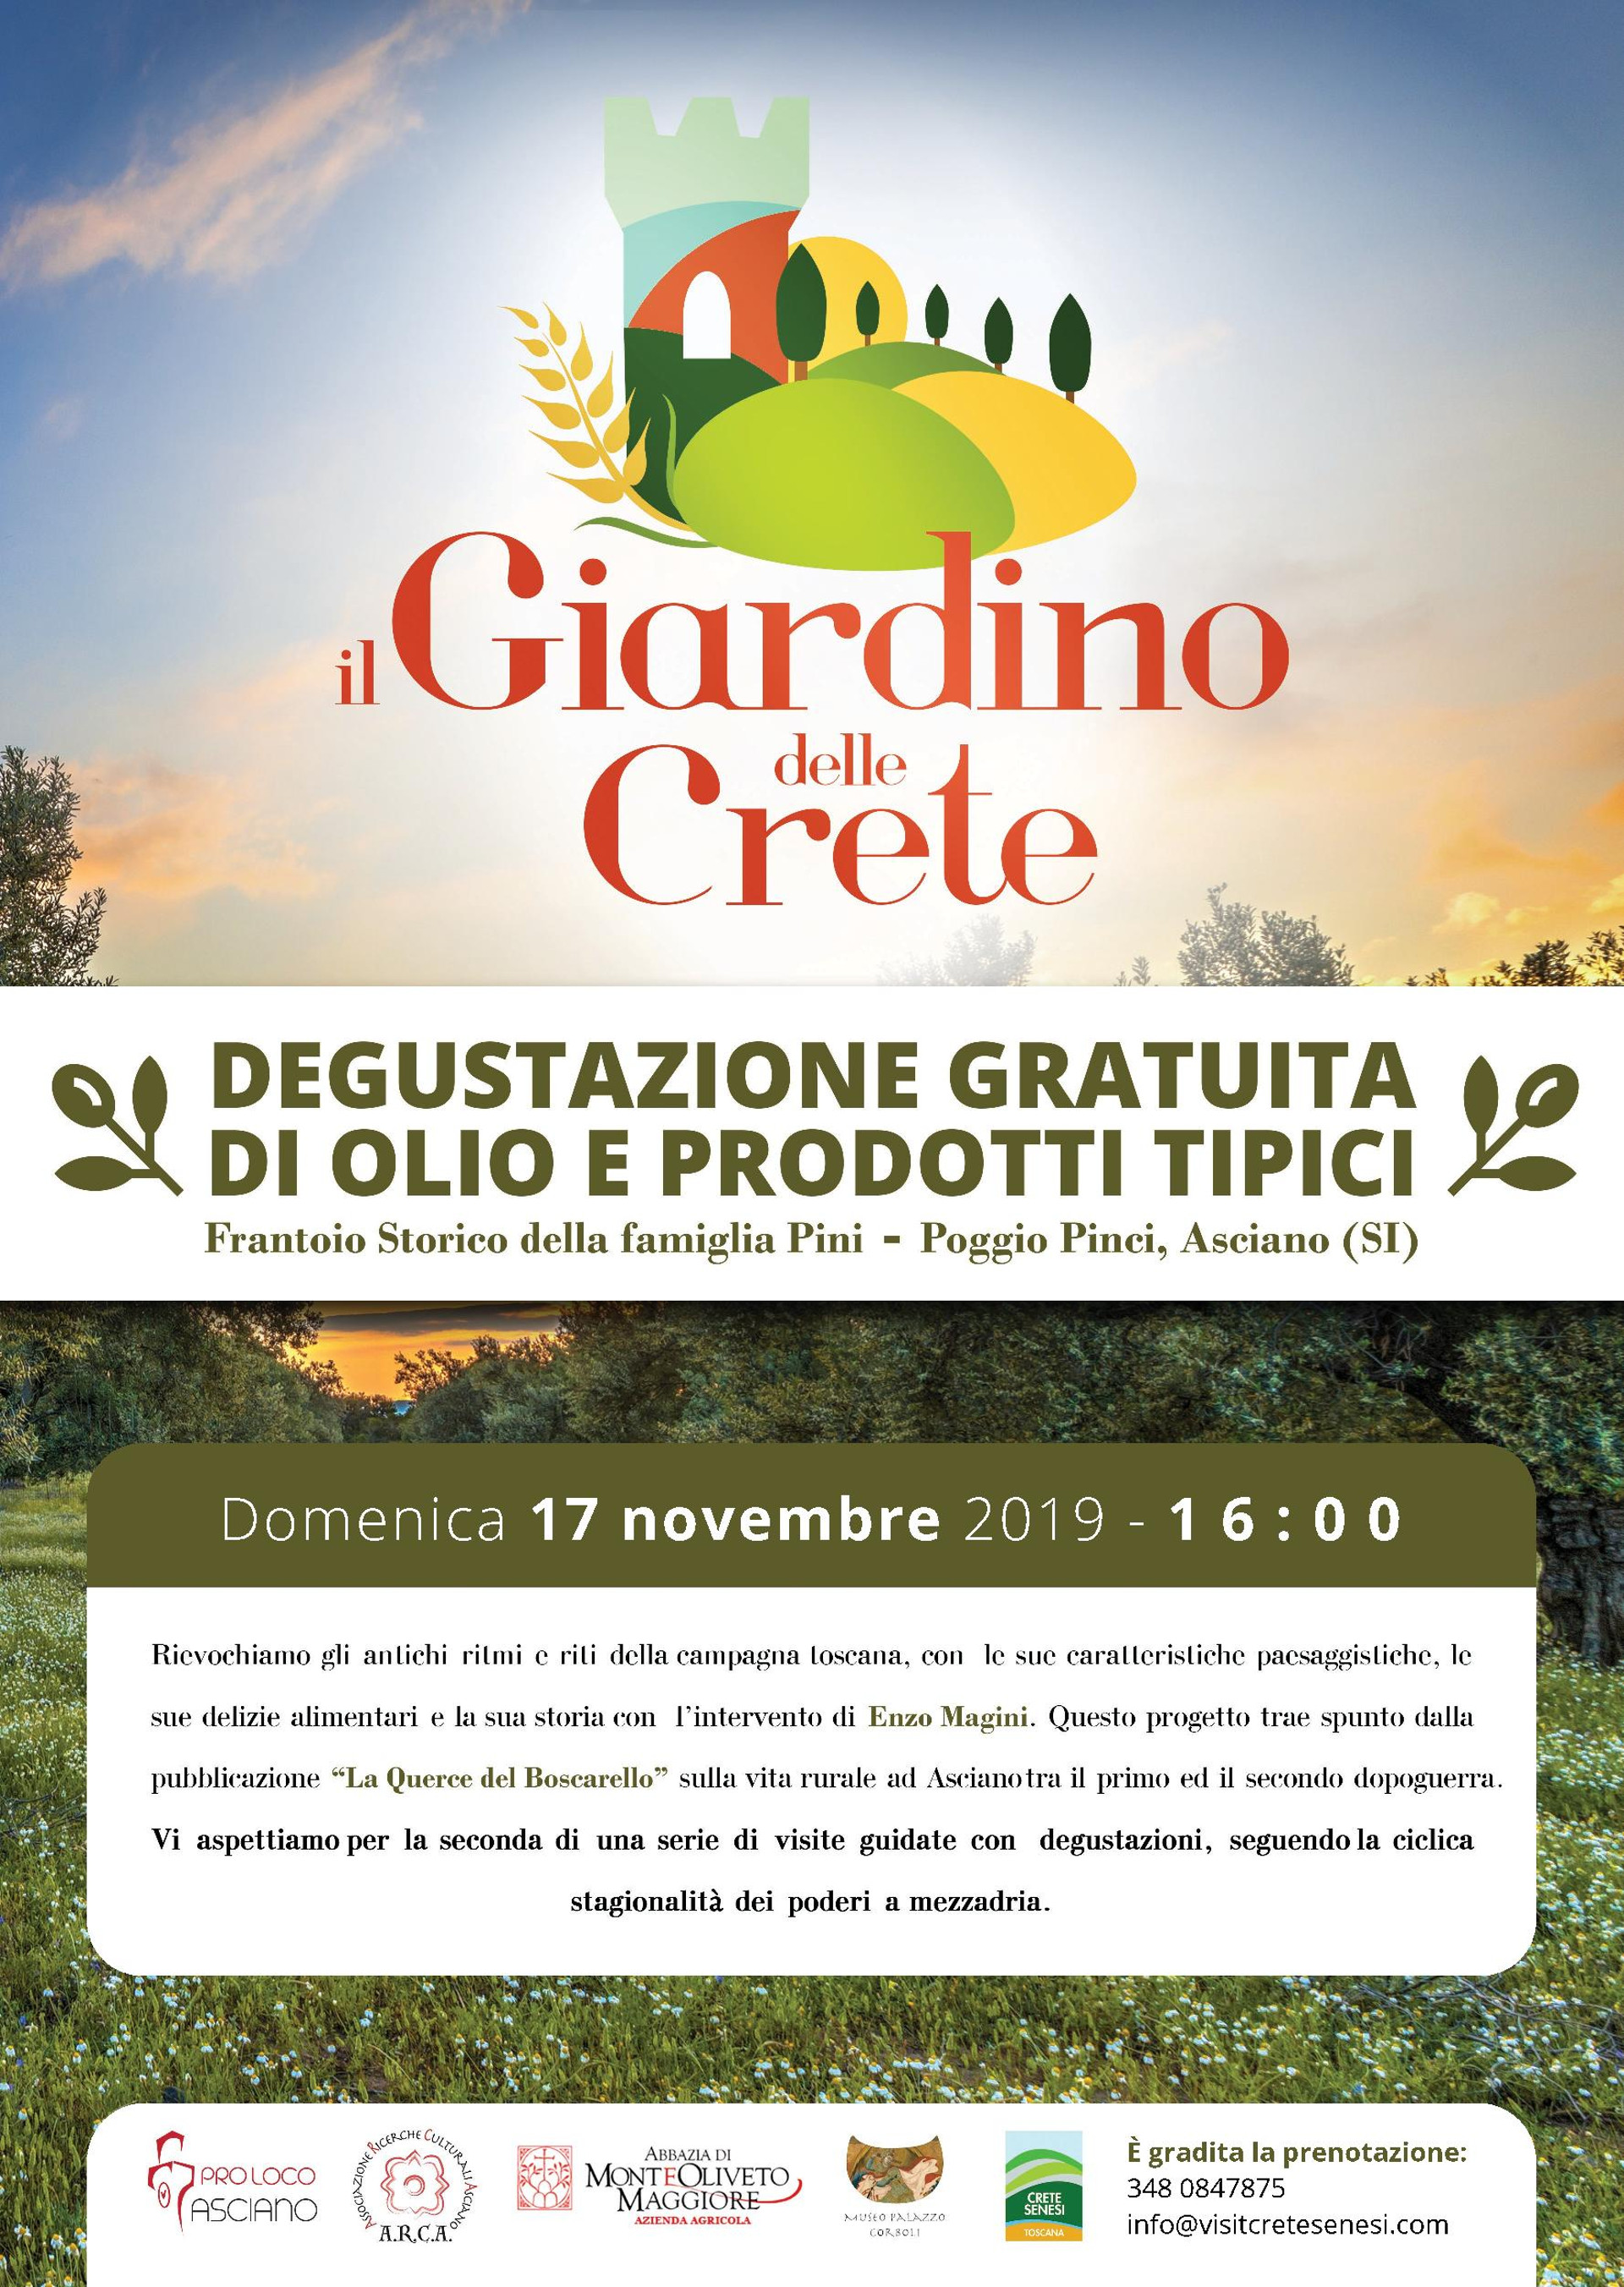 Il Giardino delle Crete – Oliviera storica della famiglia Pini di Poggio Pinci – domenica 17 novembre – ore 16:00